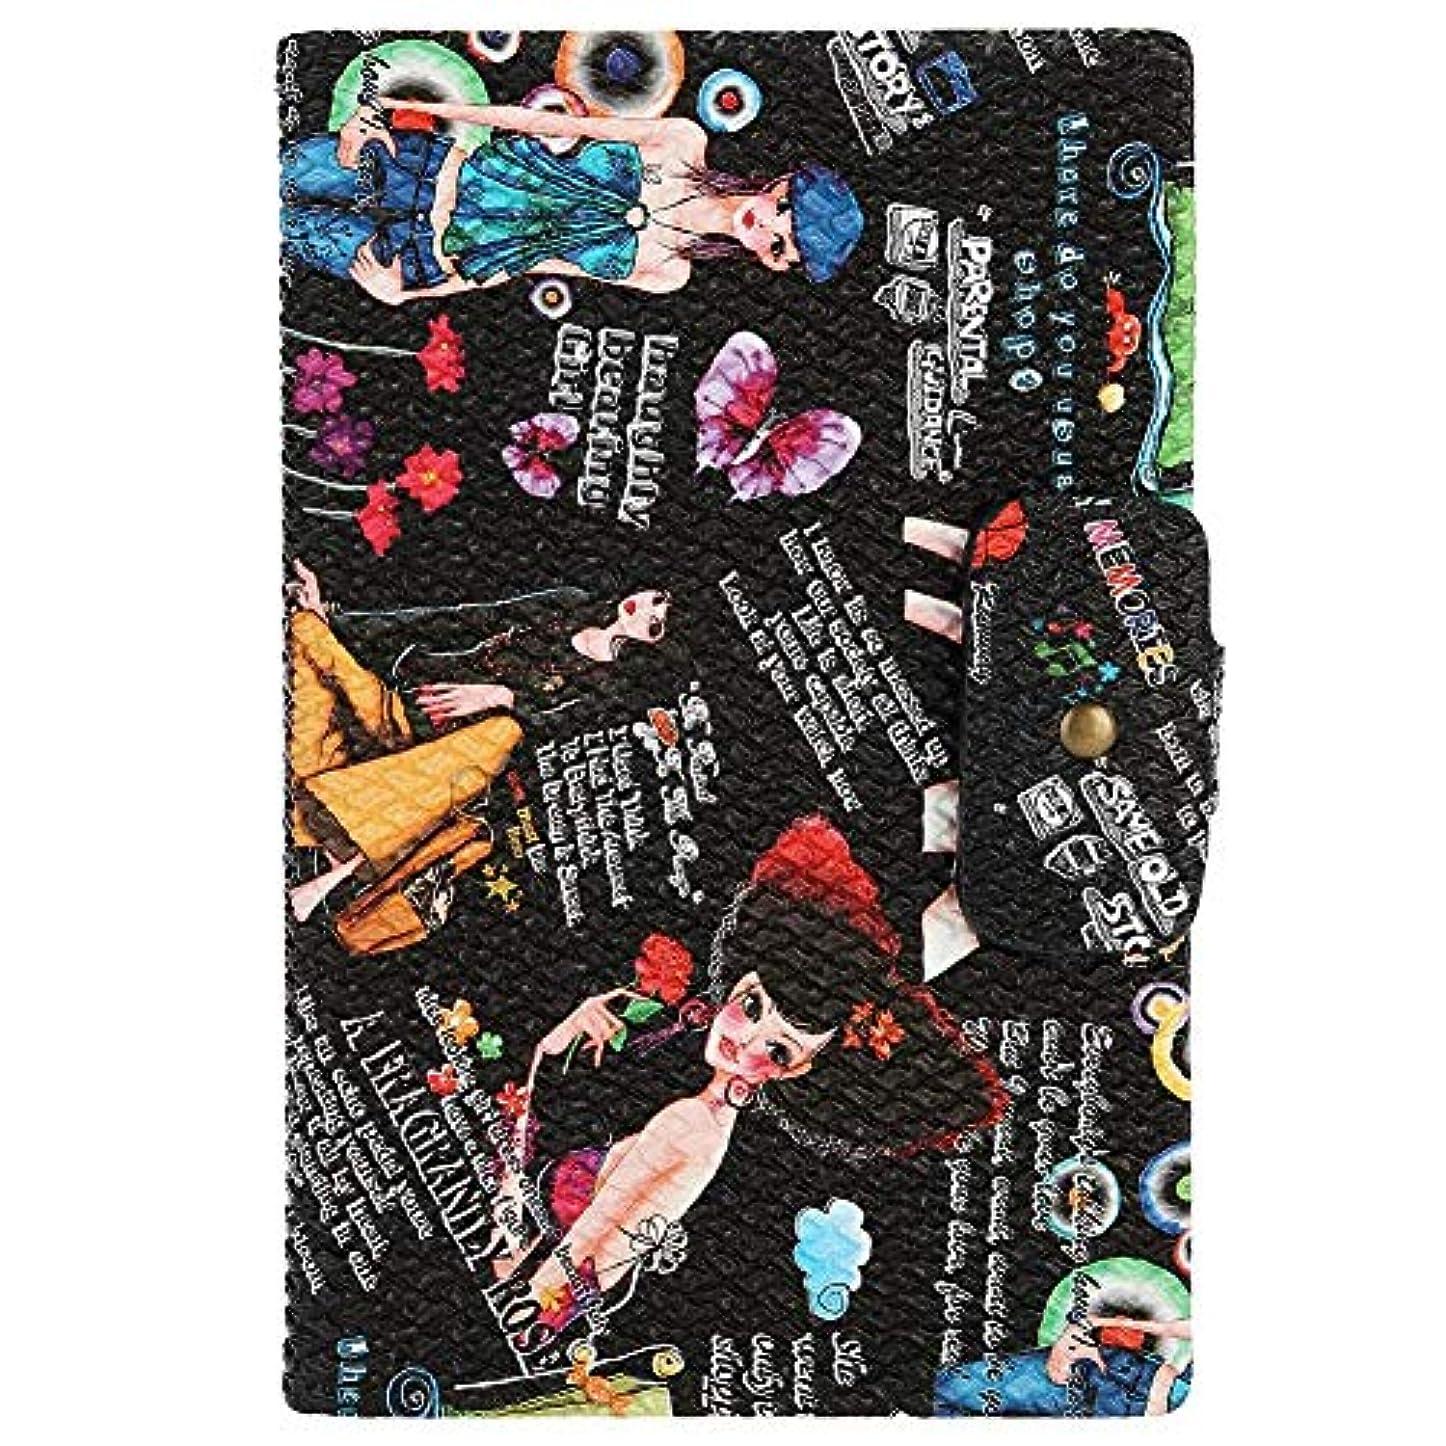 悲劇あなたのもの粗いネイルアートディスプレイスタンド 160色表示 プラスチック板 ネイルポリッシュカラー ディスプレイ サロン アクセサリー(02)